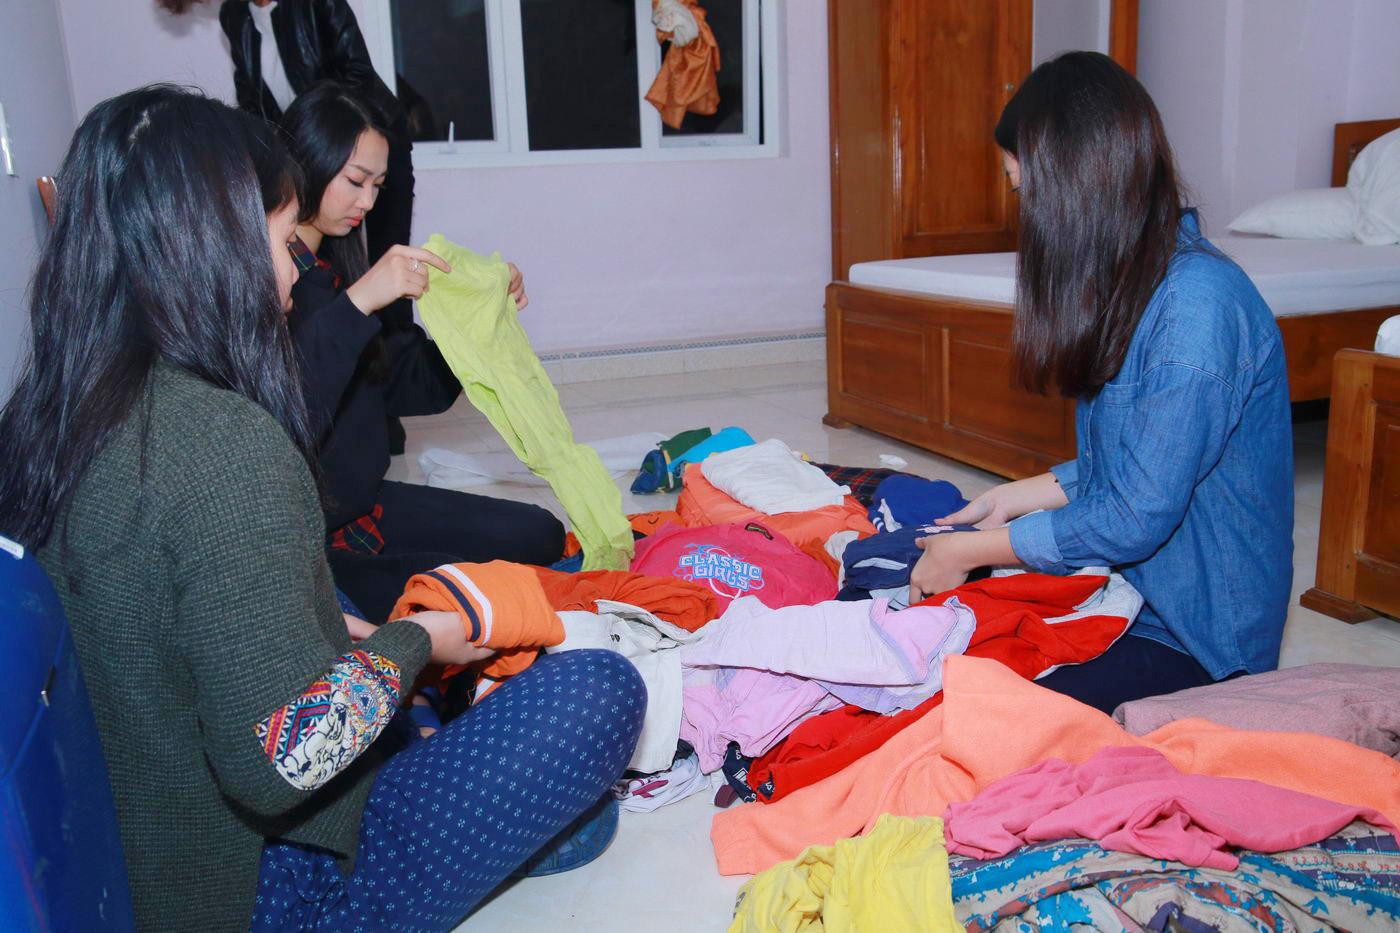 Hoa hậu Mỹ Linh đốn fan bằng sự giản dị khi đi từ thiện 7